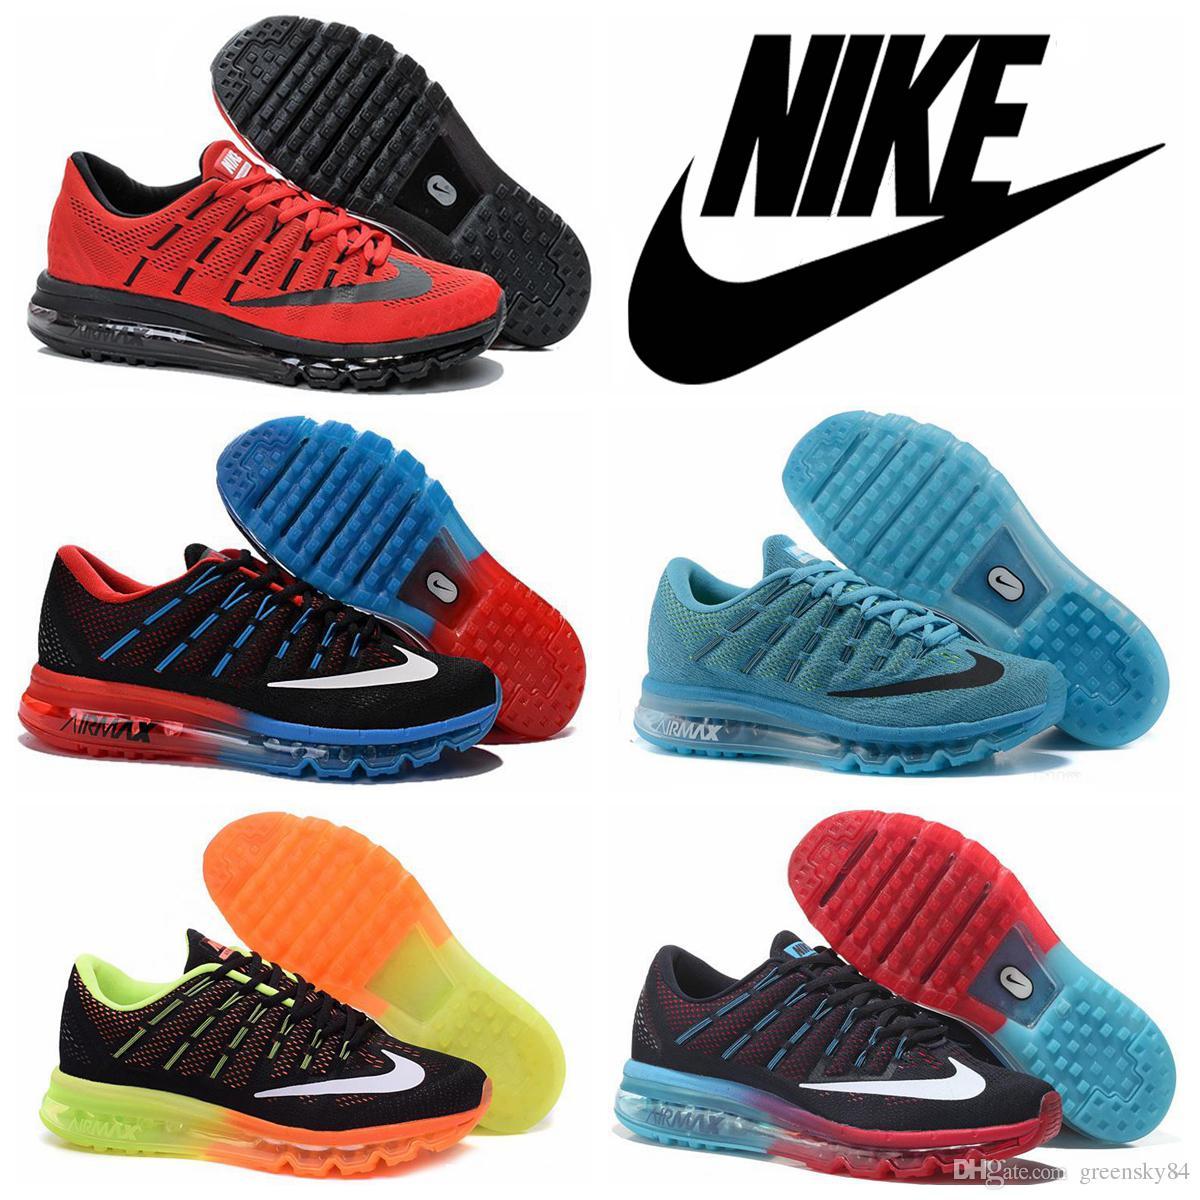 5841e5d859 air max 2017 dhgate - Tenis Nike en Mercado Libre ES